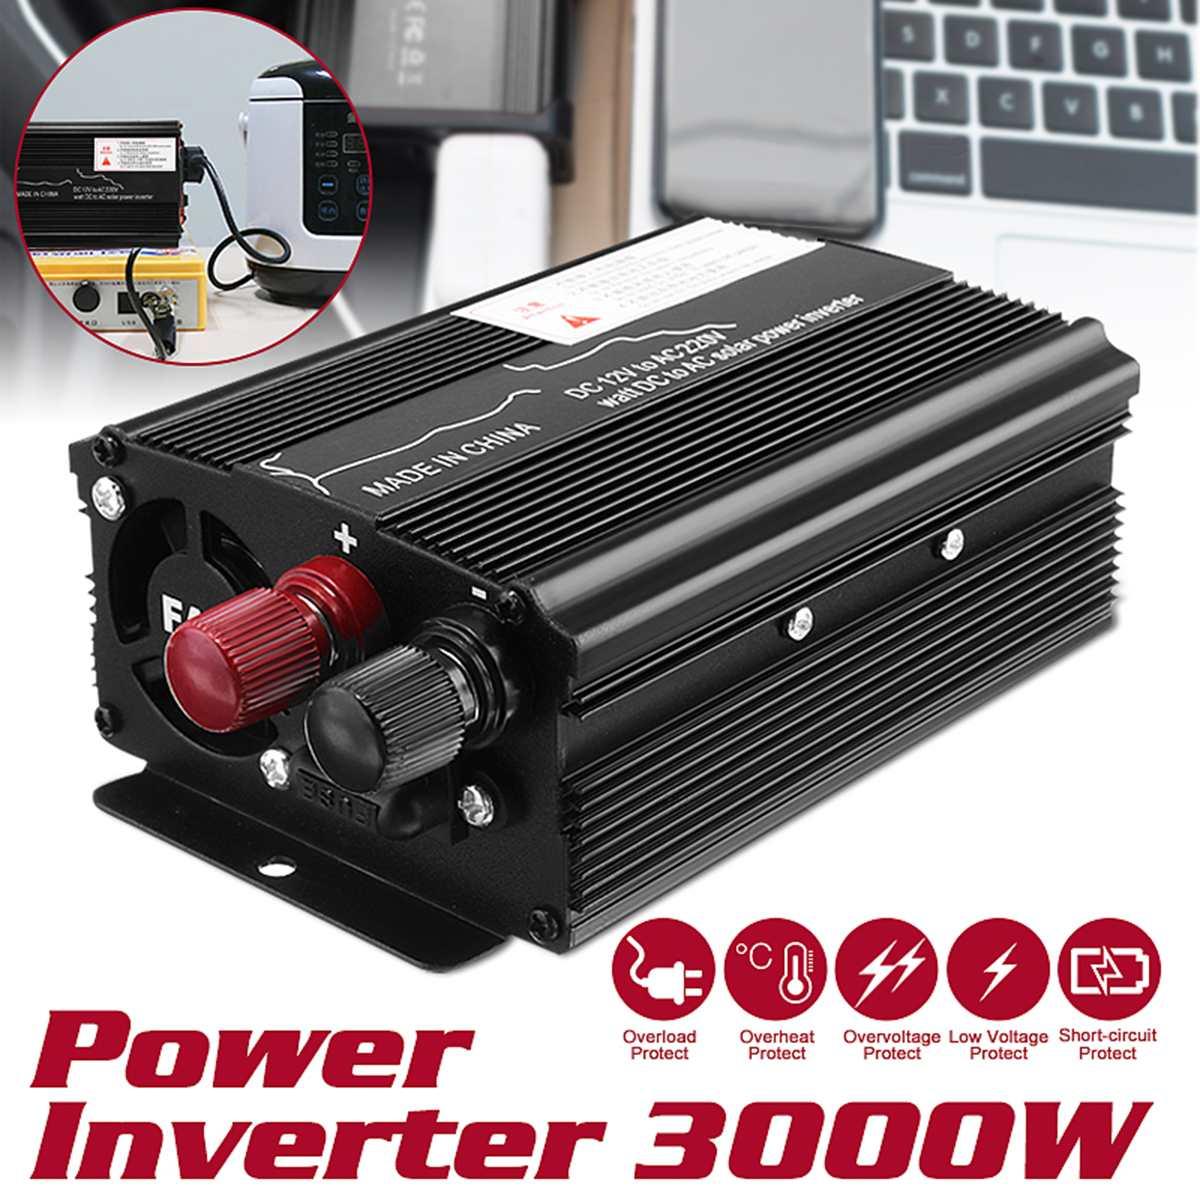 Inversor Solar Autoleader 12V 220V 3000W P eak inversor de coche transformador de voltaje de potencia convertidor de onda sinusoidal para coche camión Bombilla LED para lámpara foco GX53 4,2W 6W 8W 11,5W Ecola de Rusia 220V reemplazar 40W 60W 80W 100W 2 años de garantía